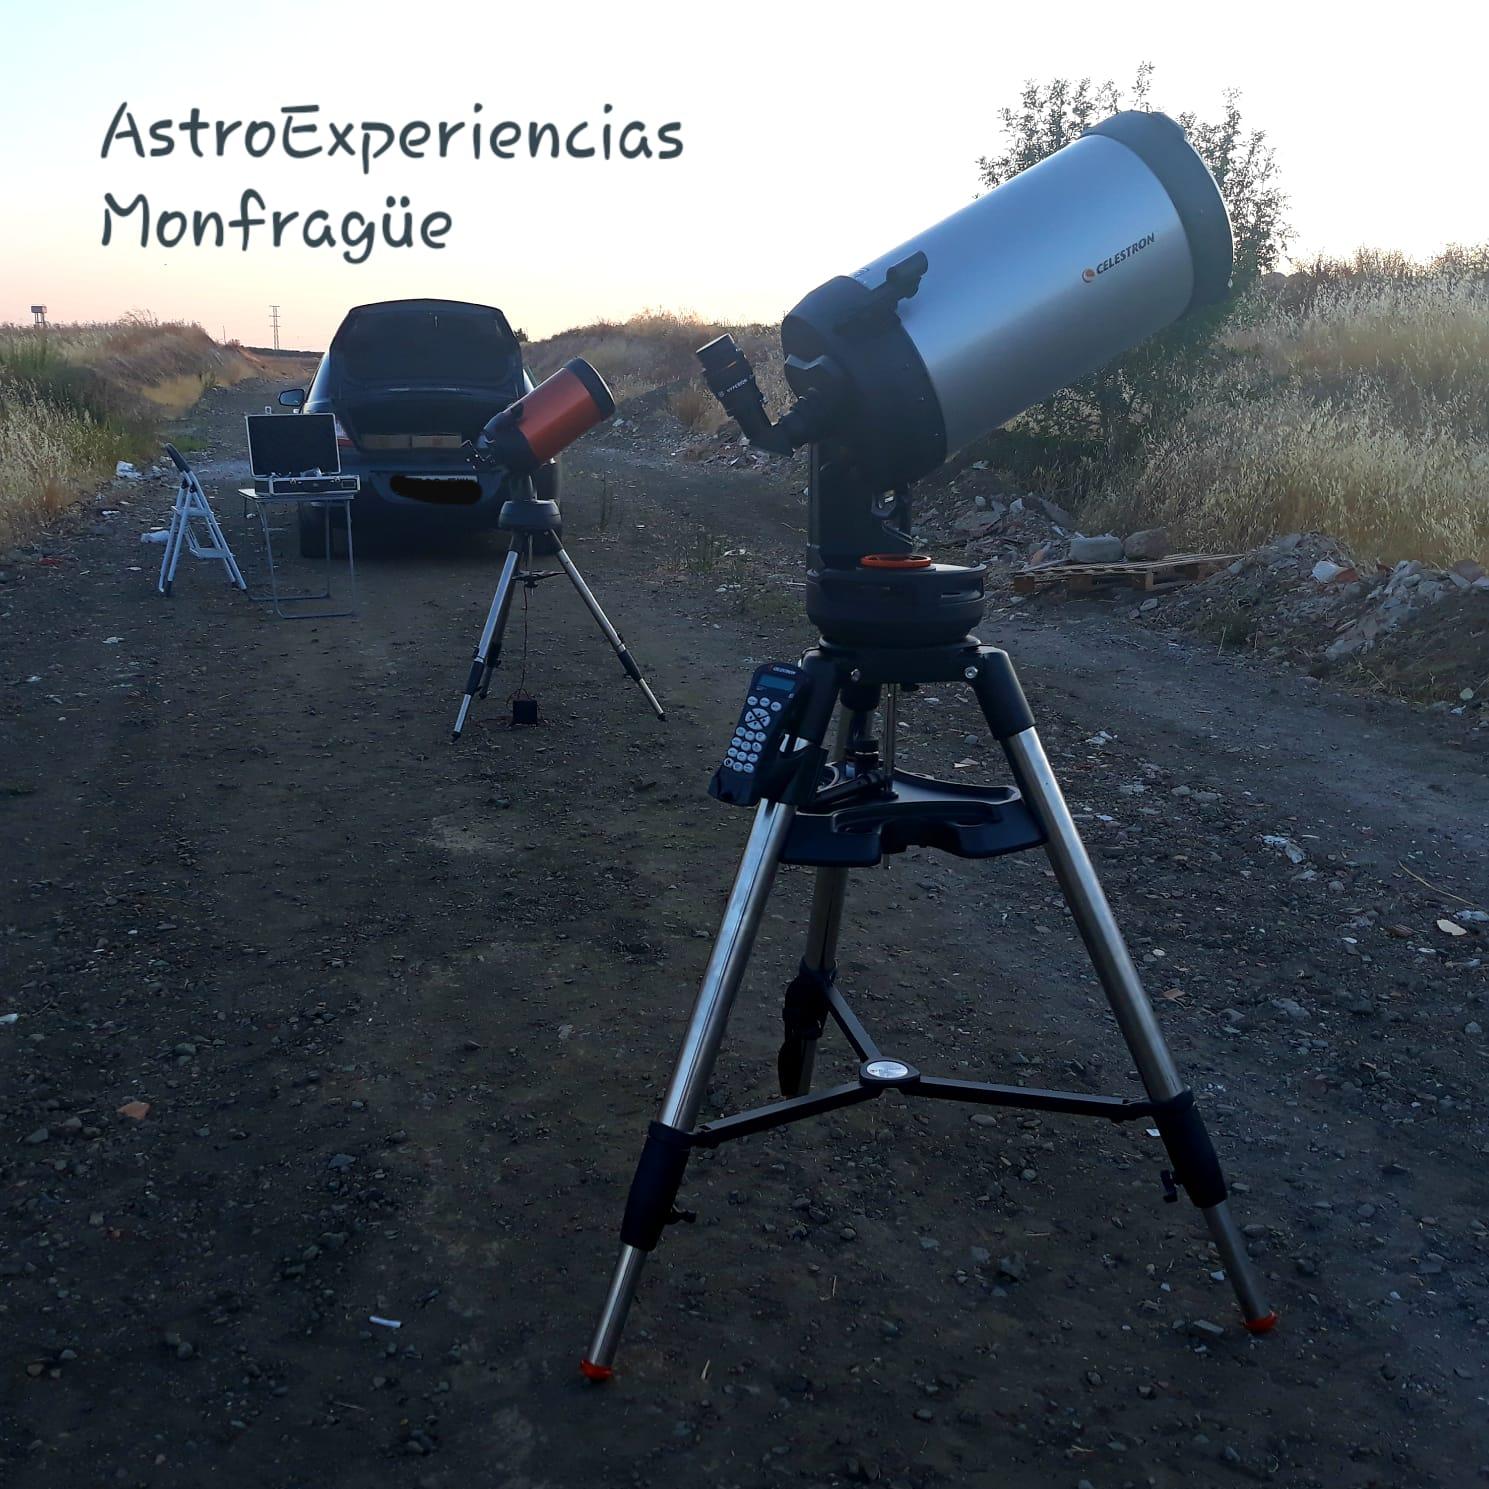 ASTROEXPERIENCIAS MONFRAGUE